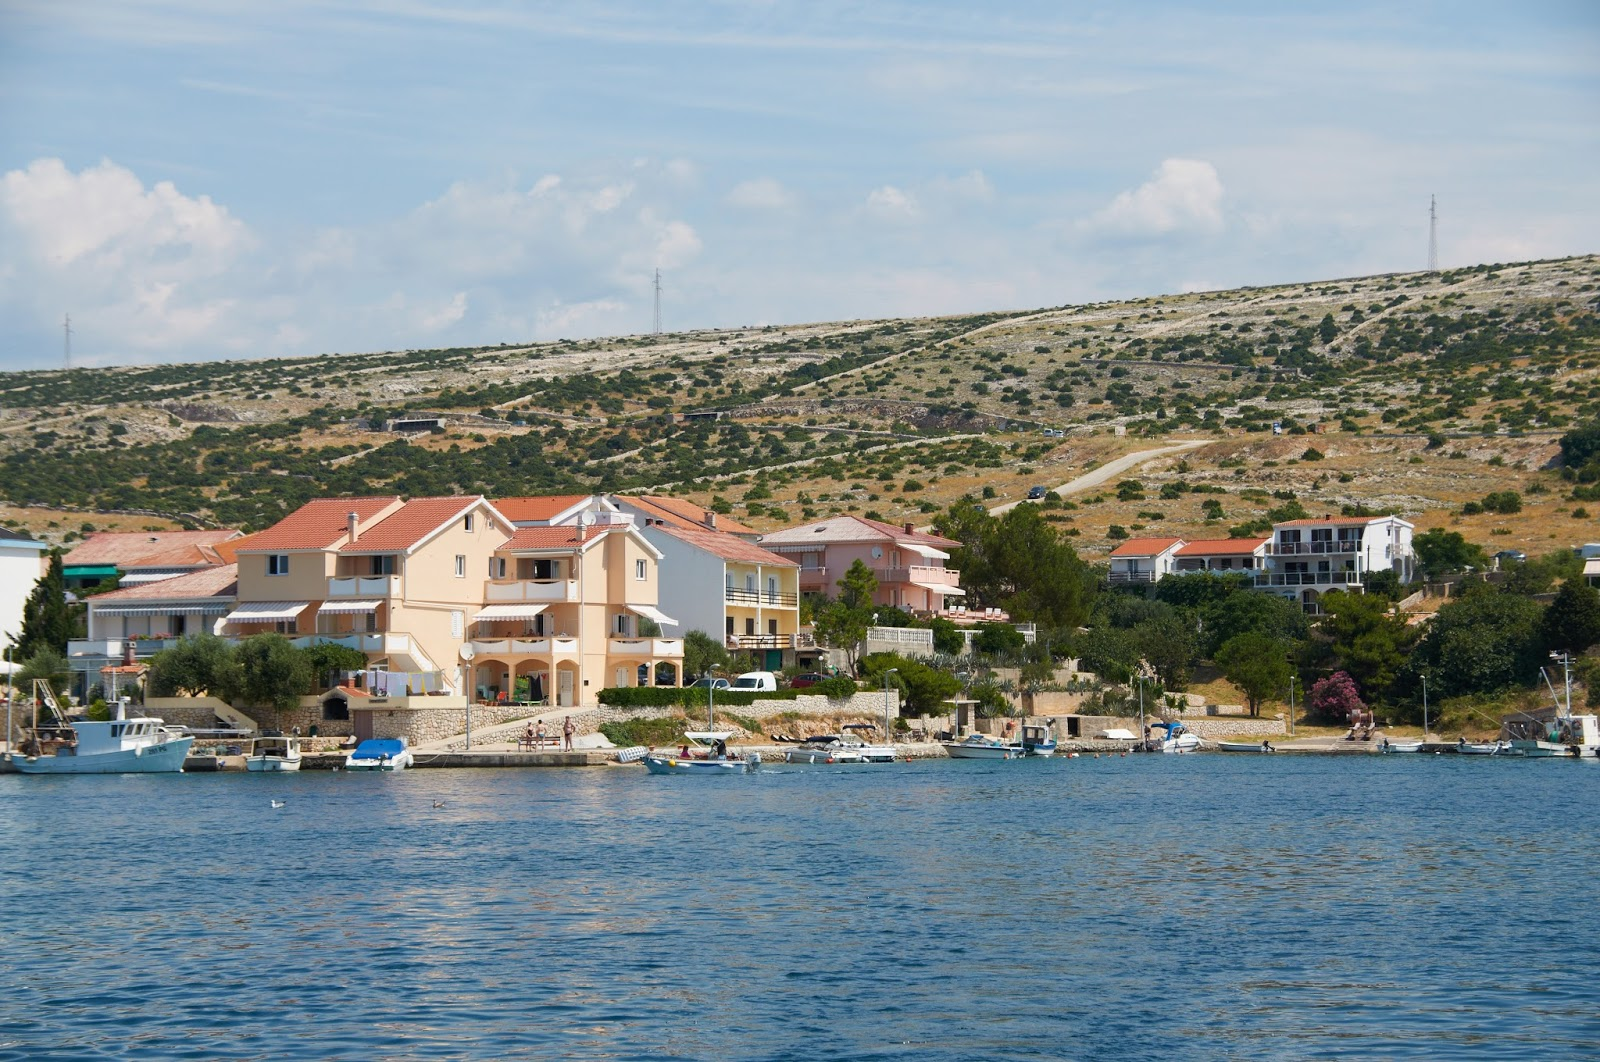 krajobraz wysypy Pag Chorwacja gdzie warto jechać na wakakcje